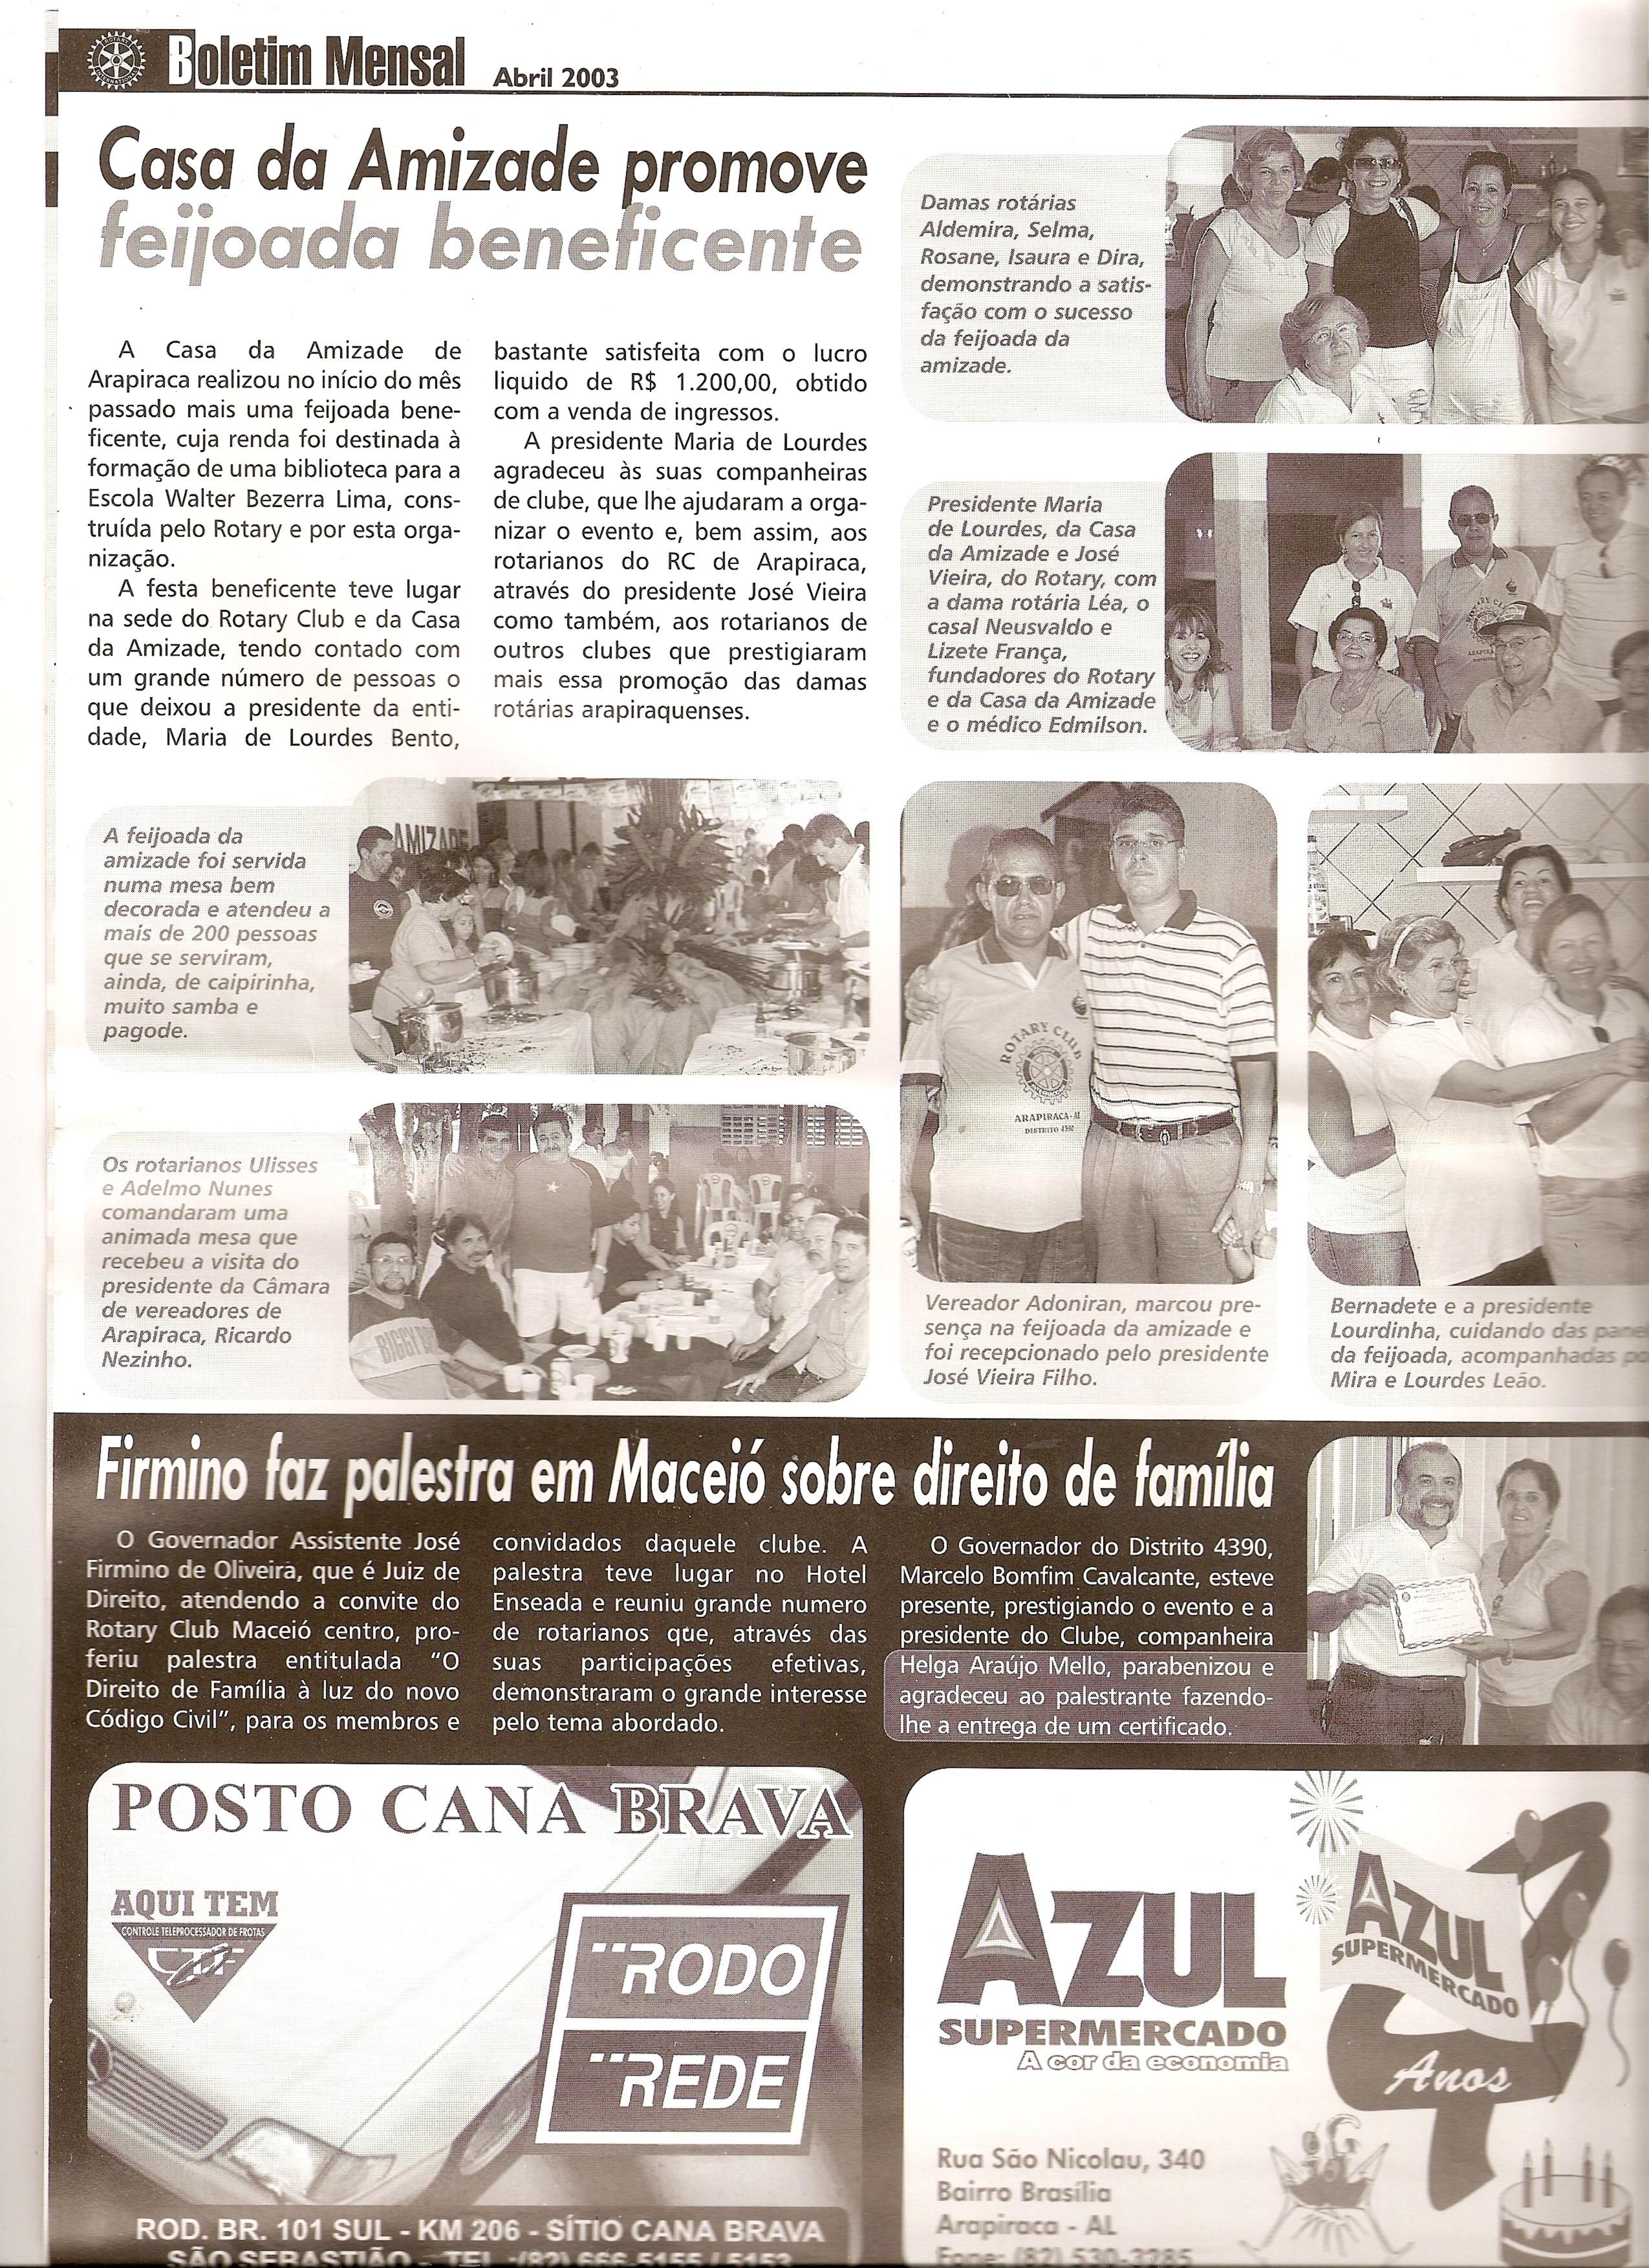 Boletim Mensal 04-2003